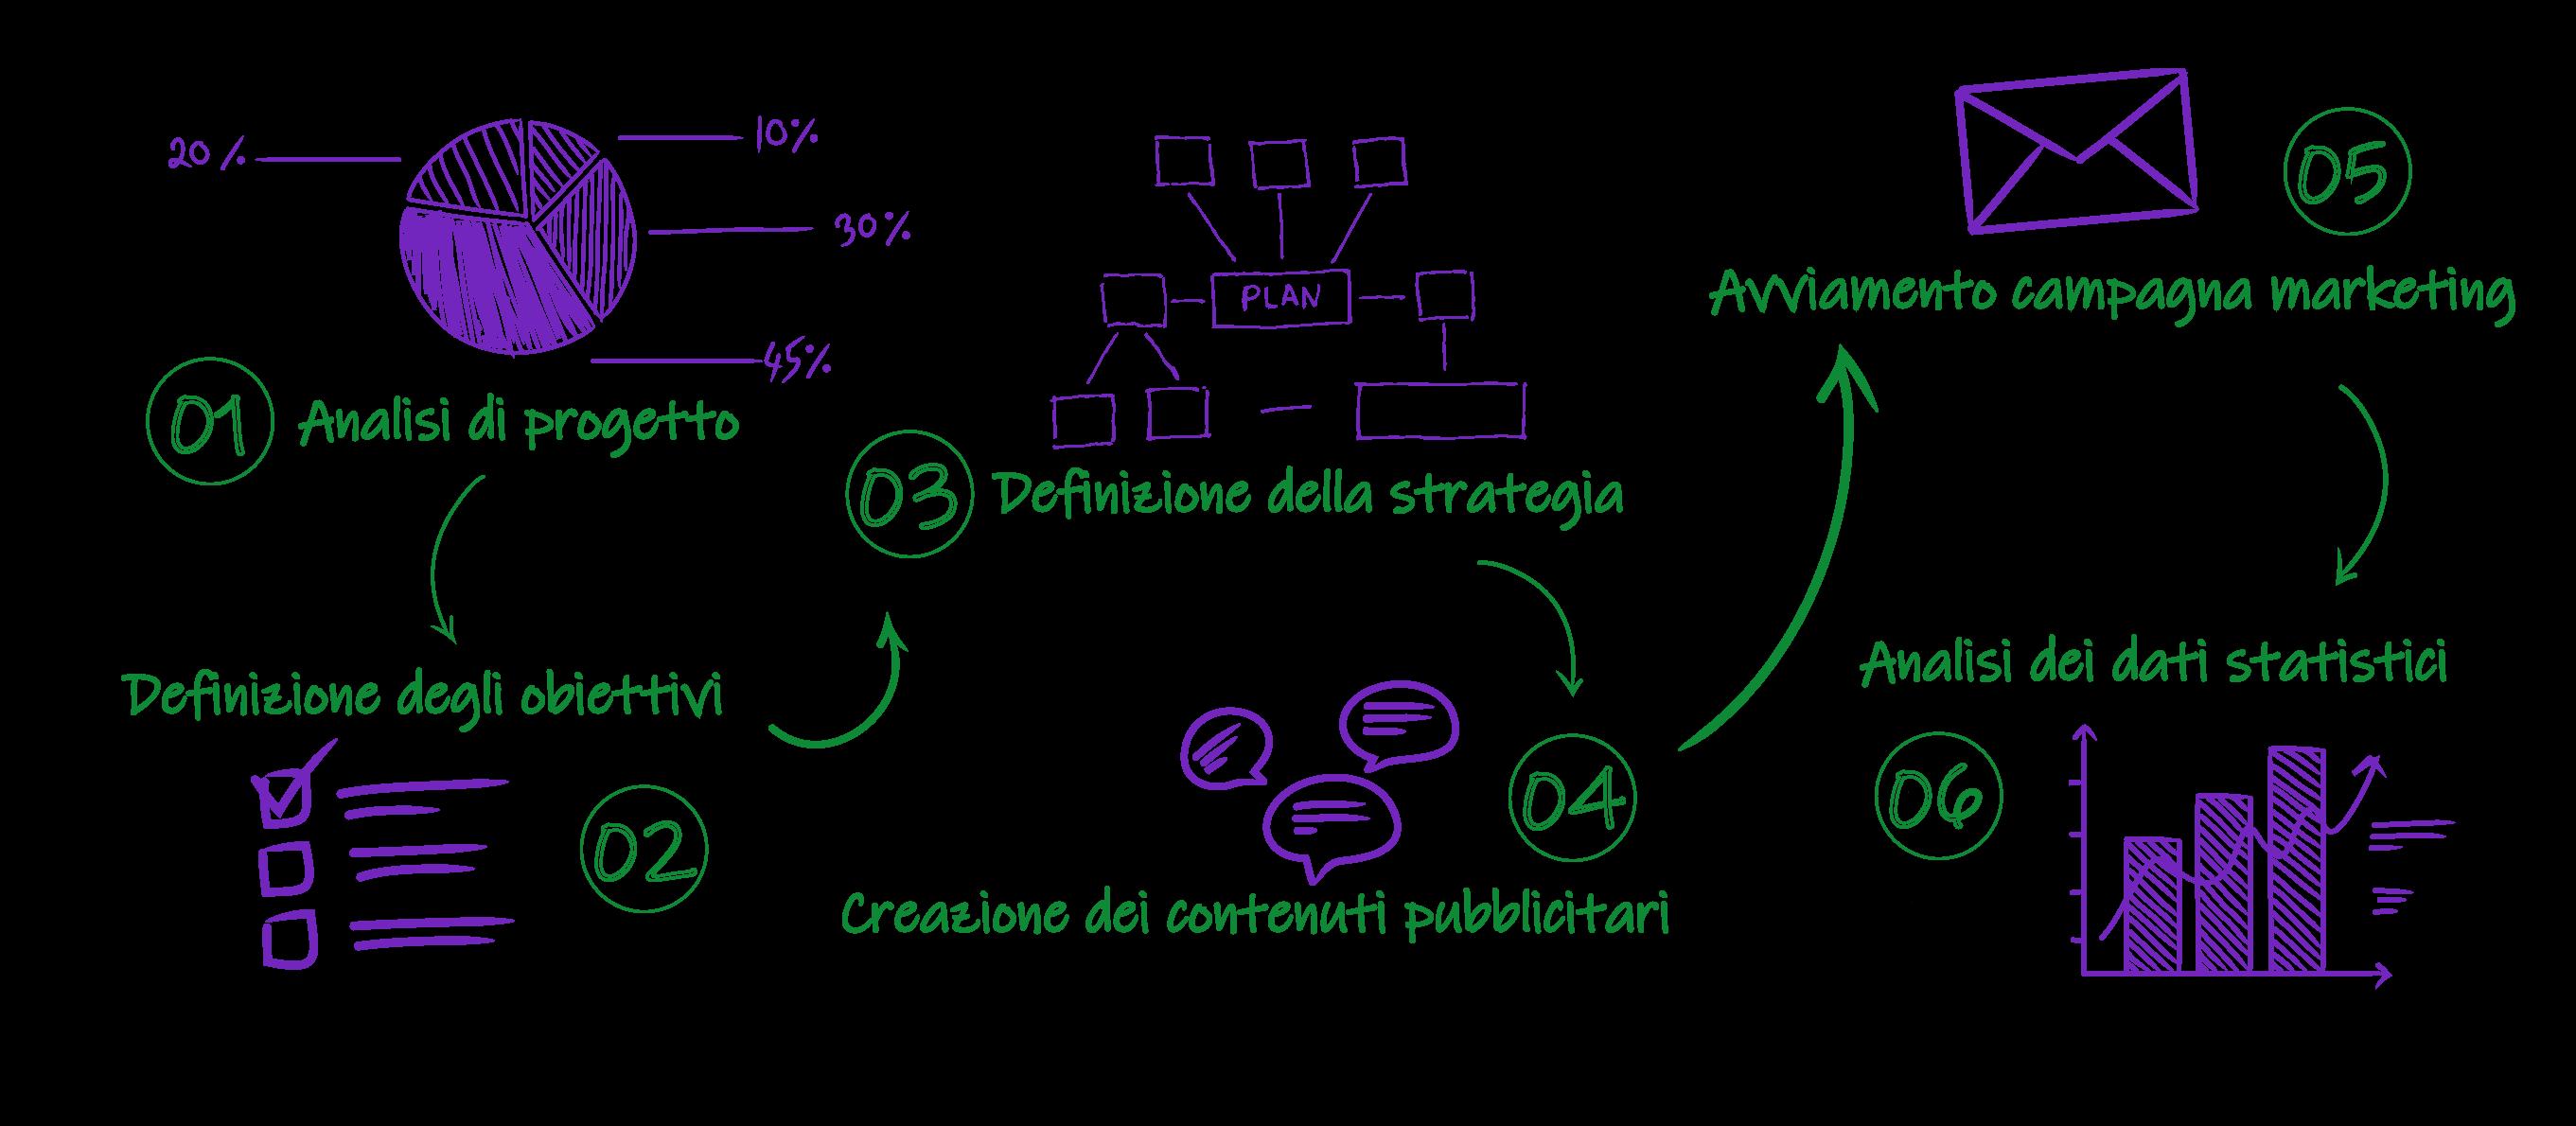 Processo di sviluppo di campagne adwords, dem, sms, e analisi seo